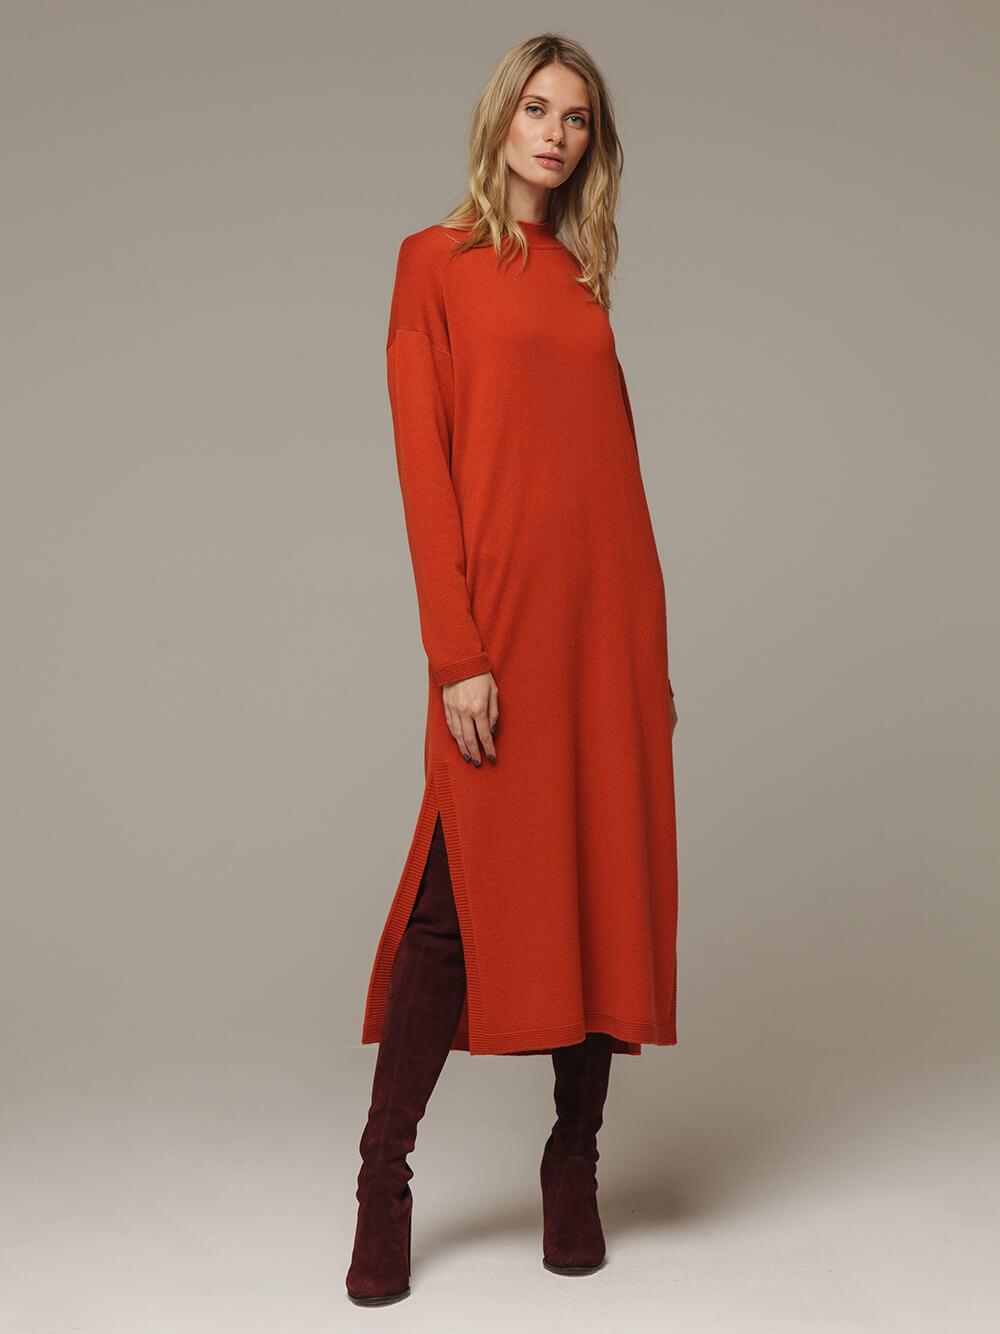 Женское оранжевое платье с разрезами из шерсти и кашемира - фото 1